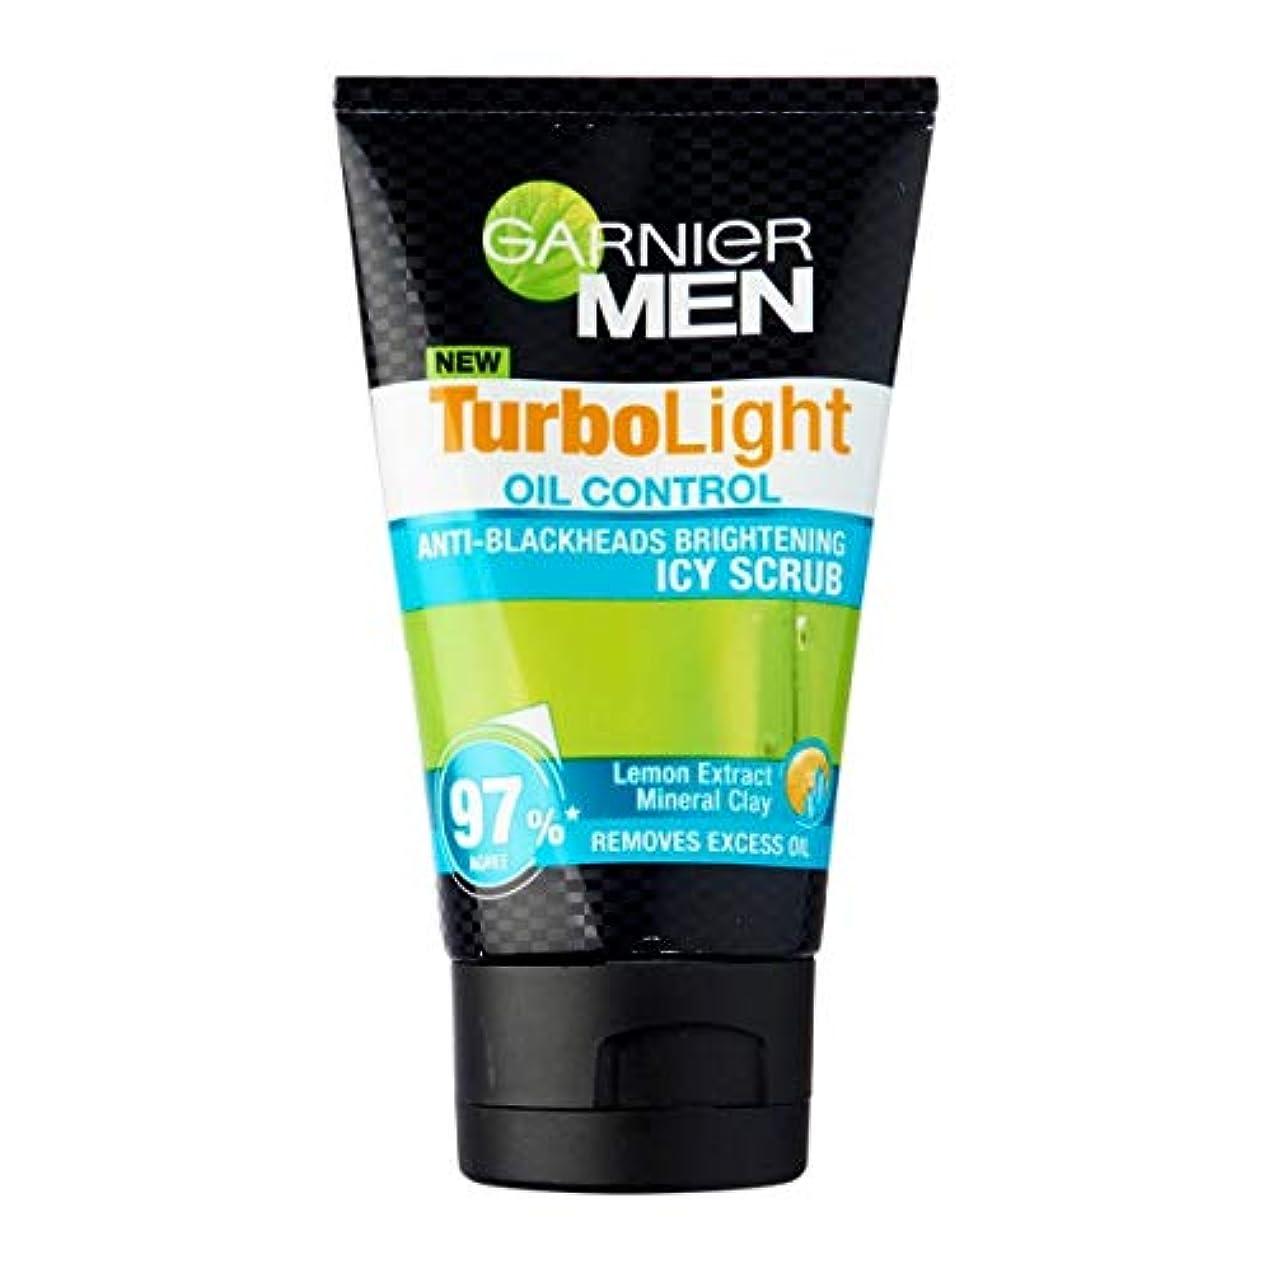 残忍な治す訴えるGarnier Men turbolight オイルコントロールアイシースクラブ 50ml-毛穴取り除くマイクロ研磨ビーズ、このスクラブは、余分な油を除去し、目に見える黒ずみを減少させ、暗い斑点を明るくします。